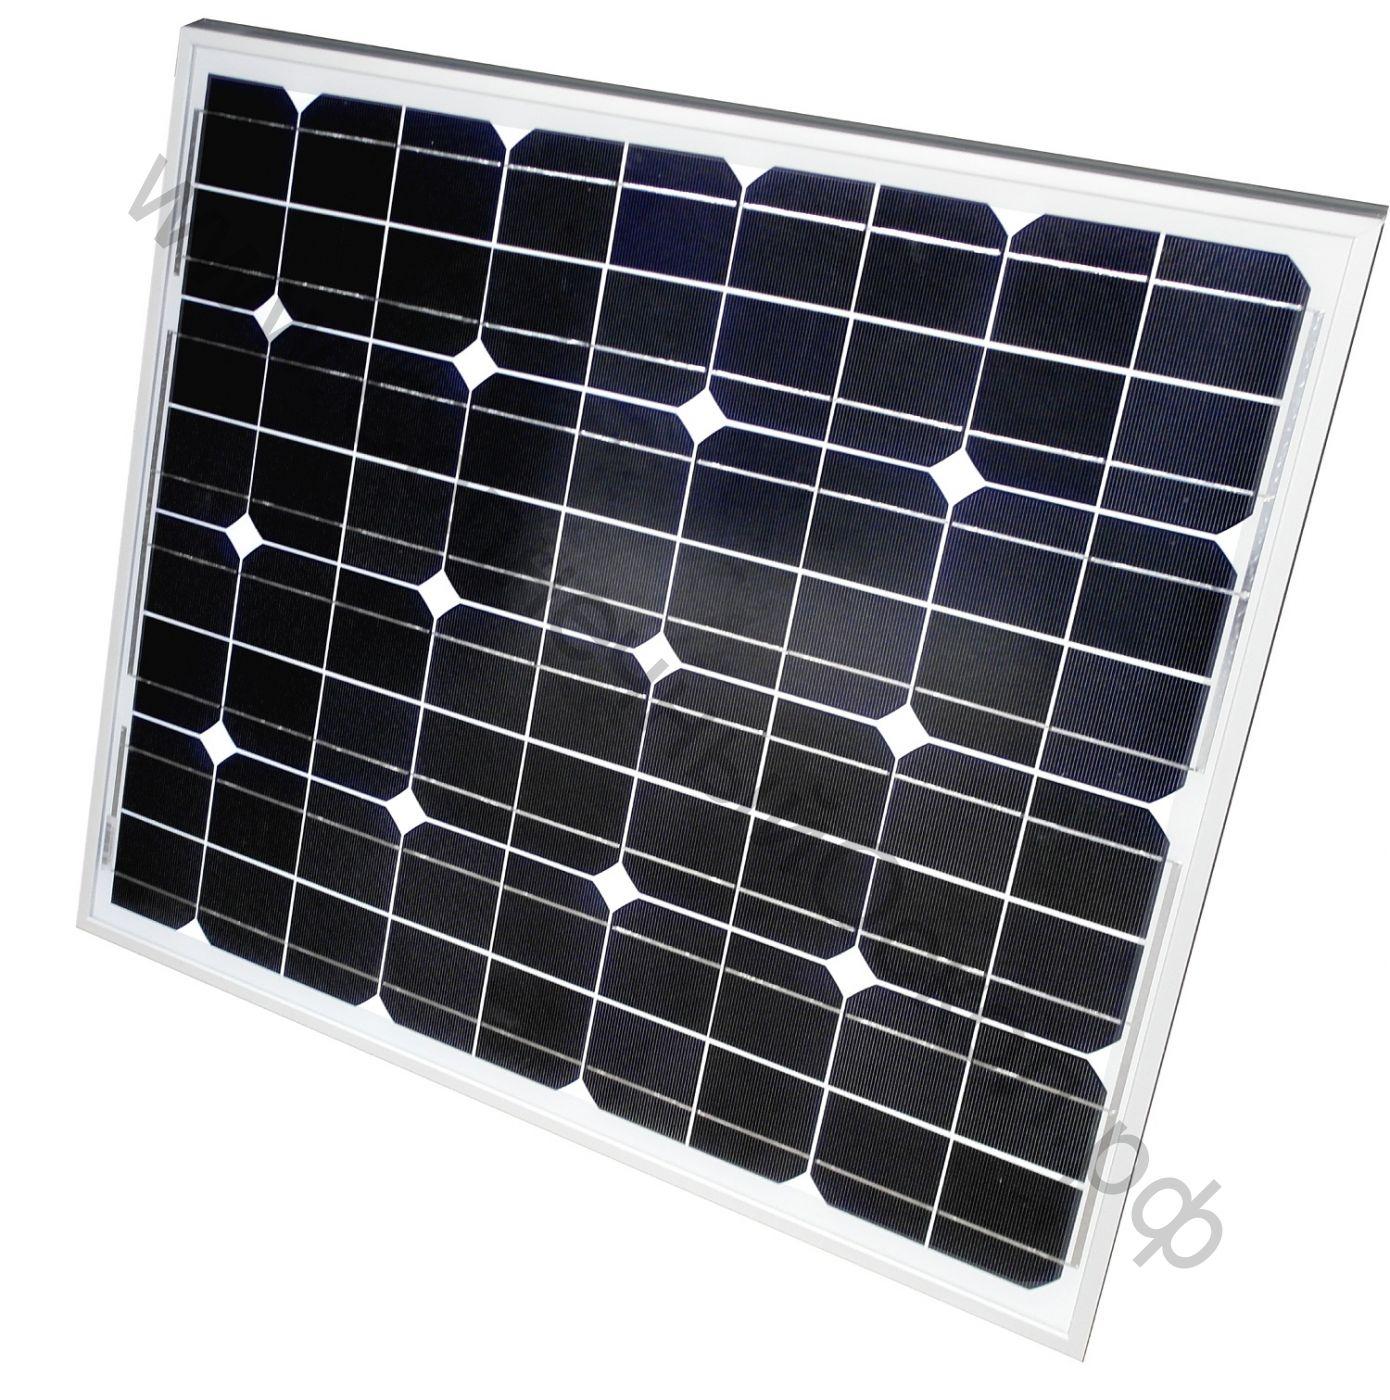 Монокристаллическая солнечная панель WDNY-85C36